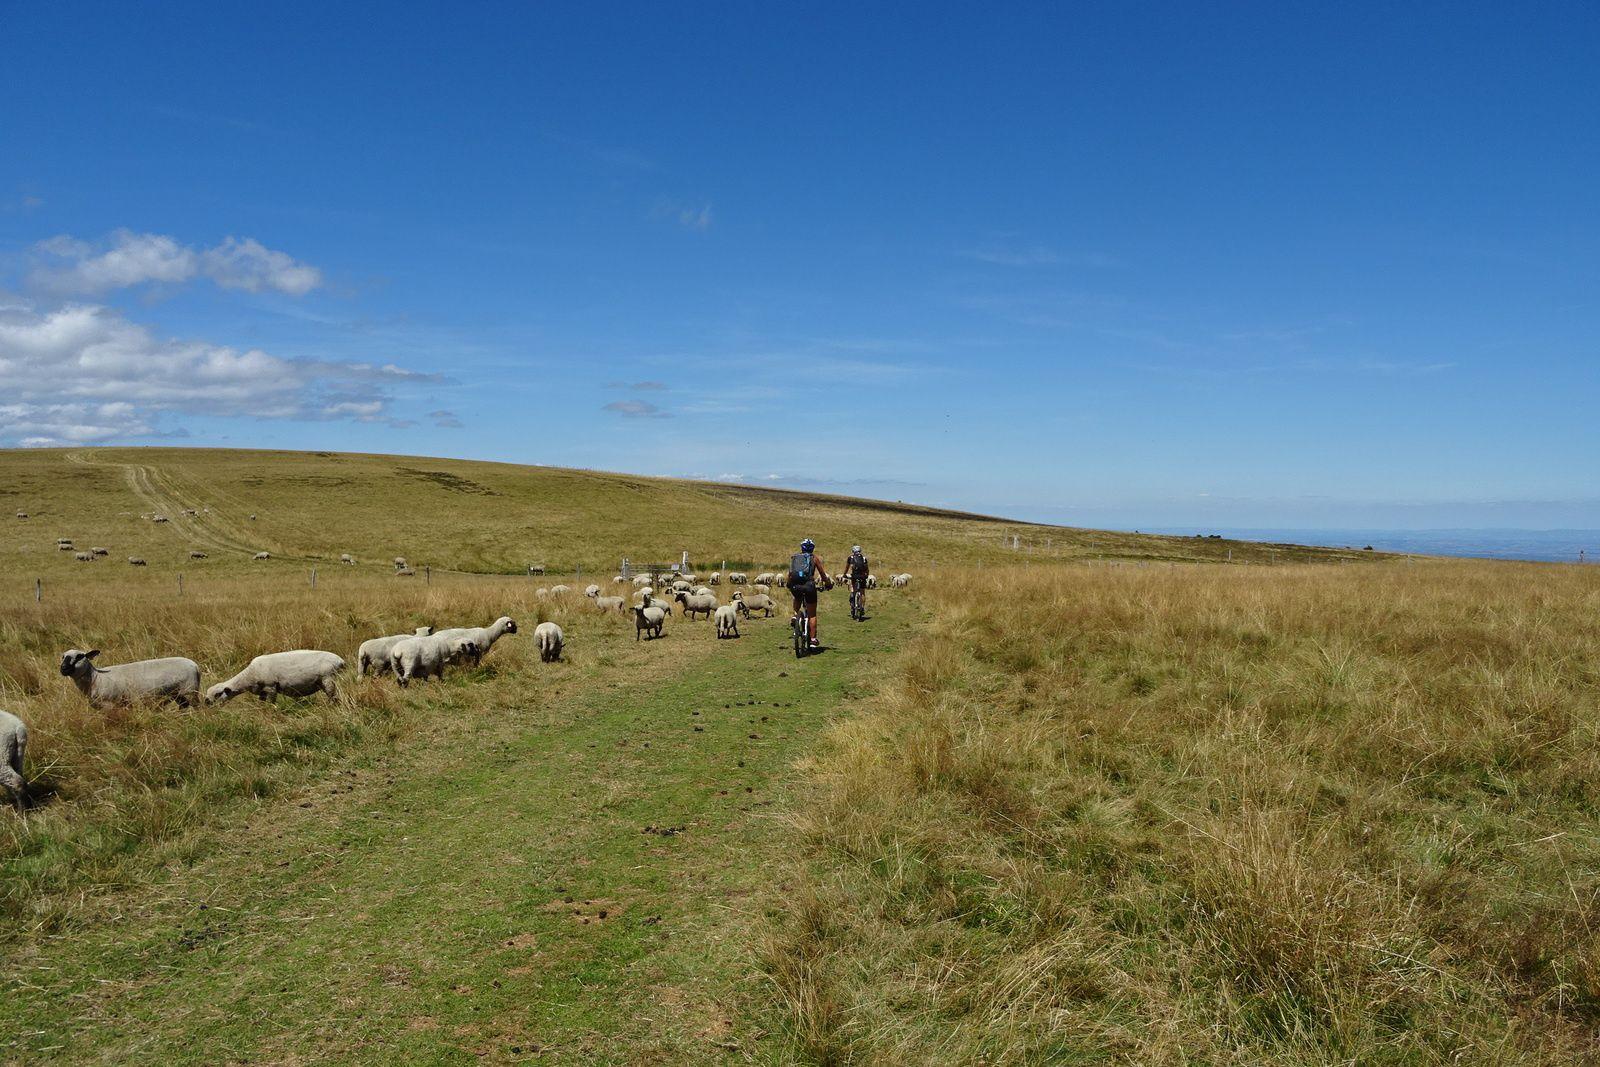 Les moutons remplacent les vaches de la dernière fois.